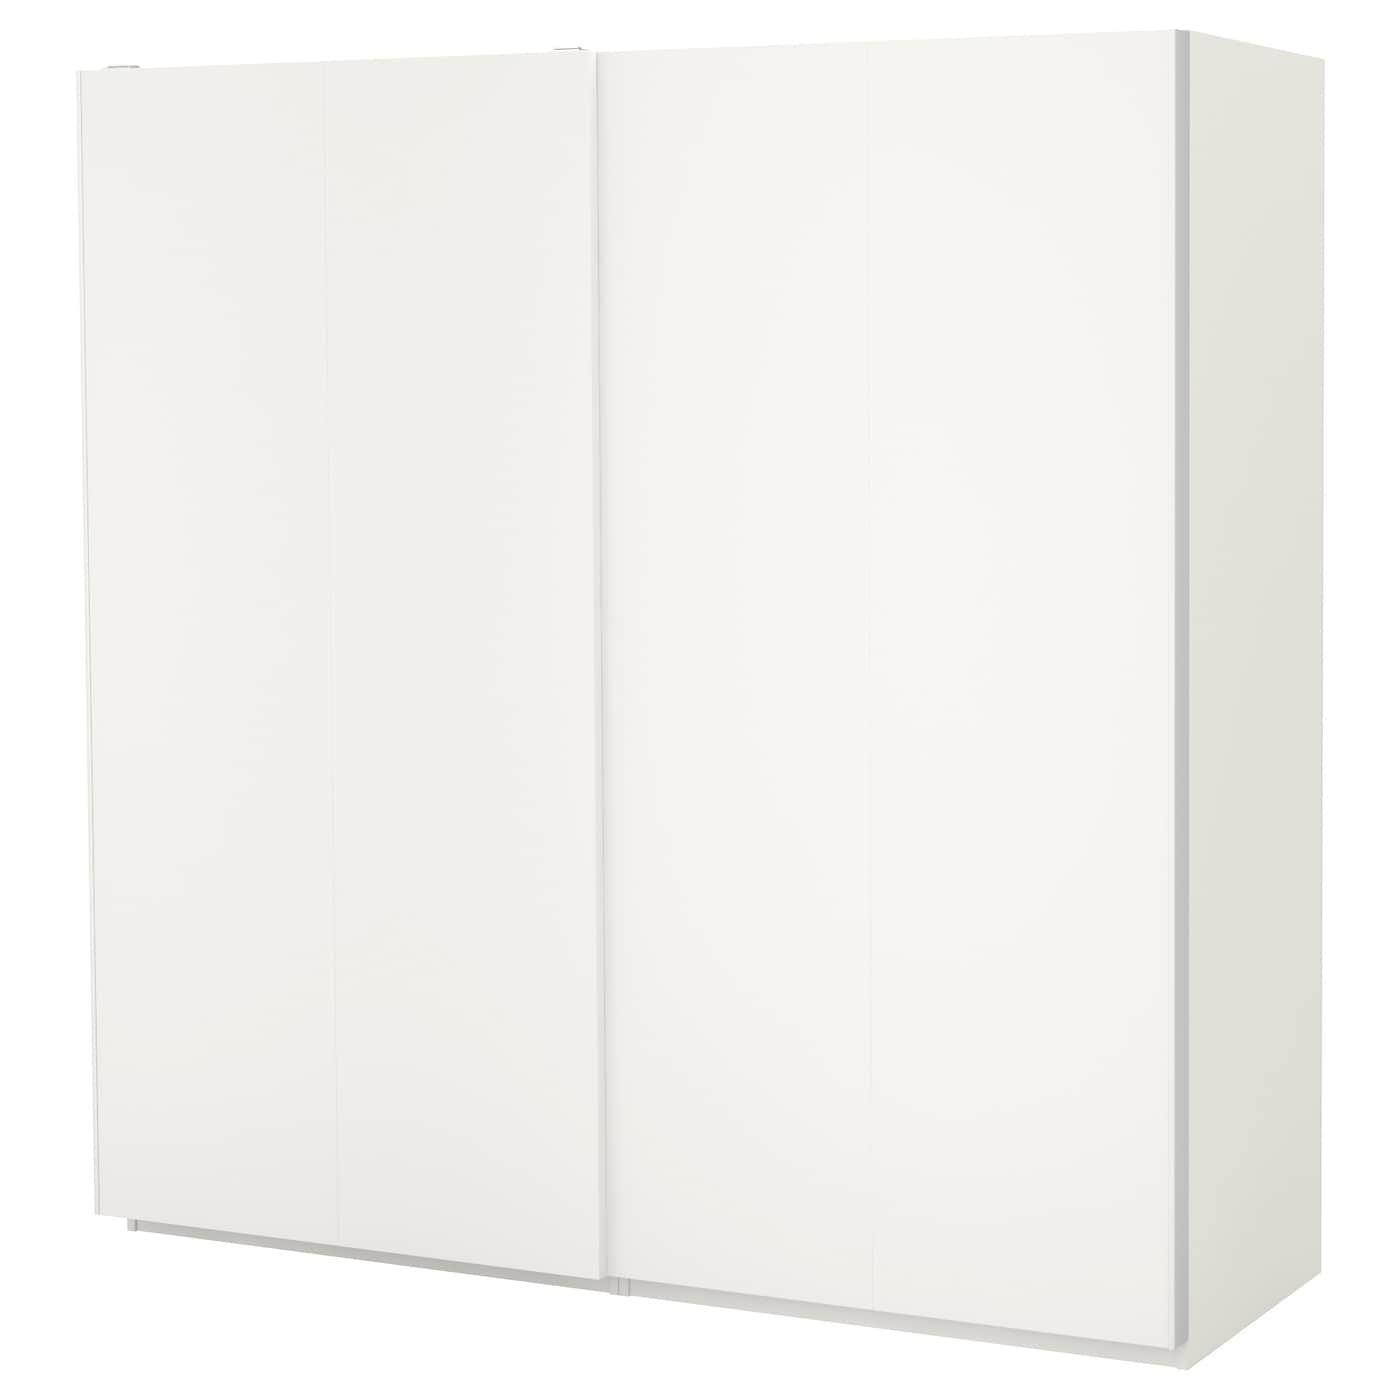 PAX Wardrobe white, Hasvik white 78 3/4x26x79 1/4